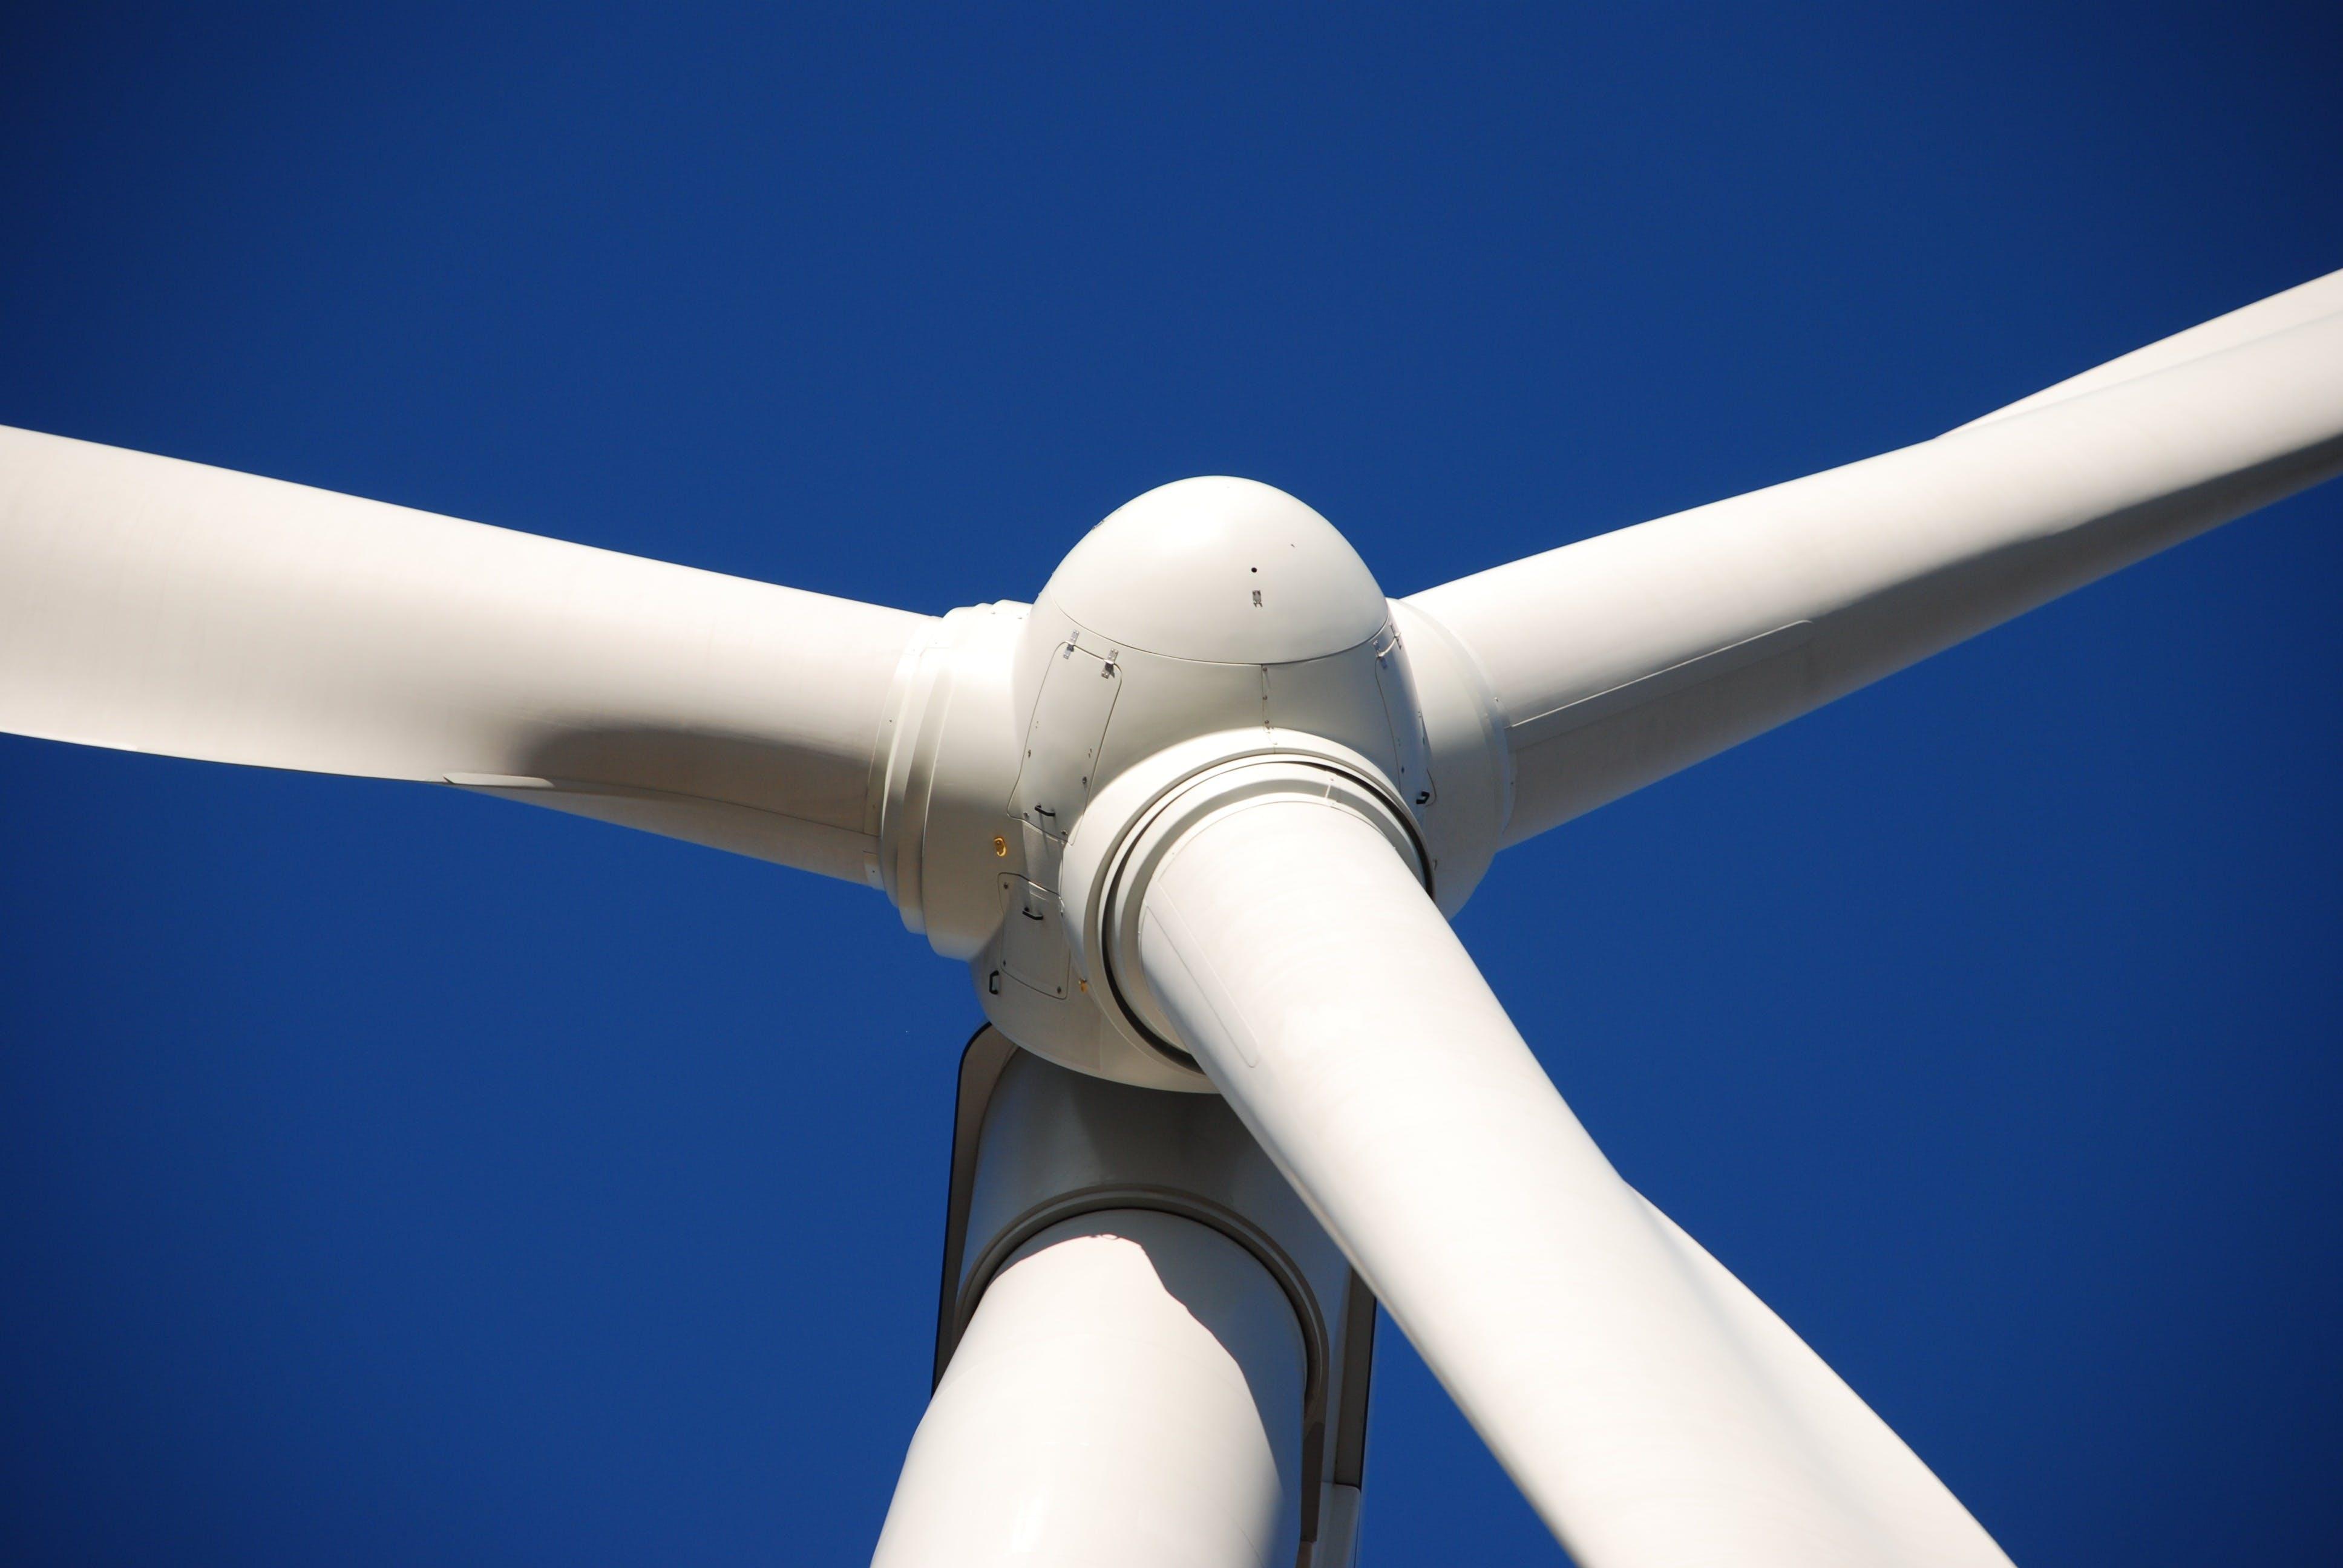 Безкоштовне стокове фото на тему «вітрогенератор, Вітряк, великий план, енергія»